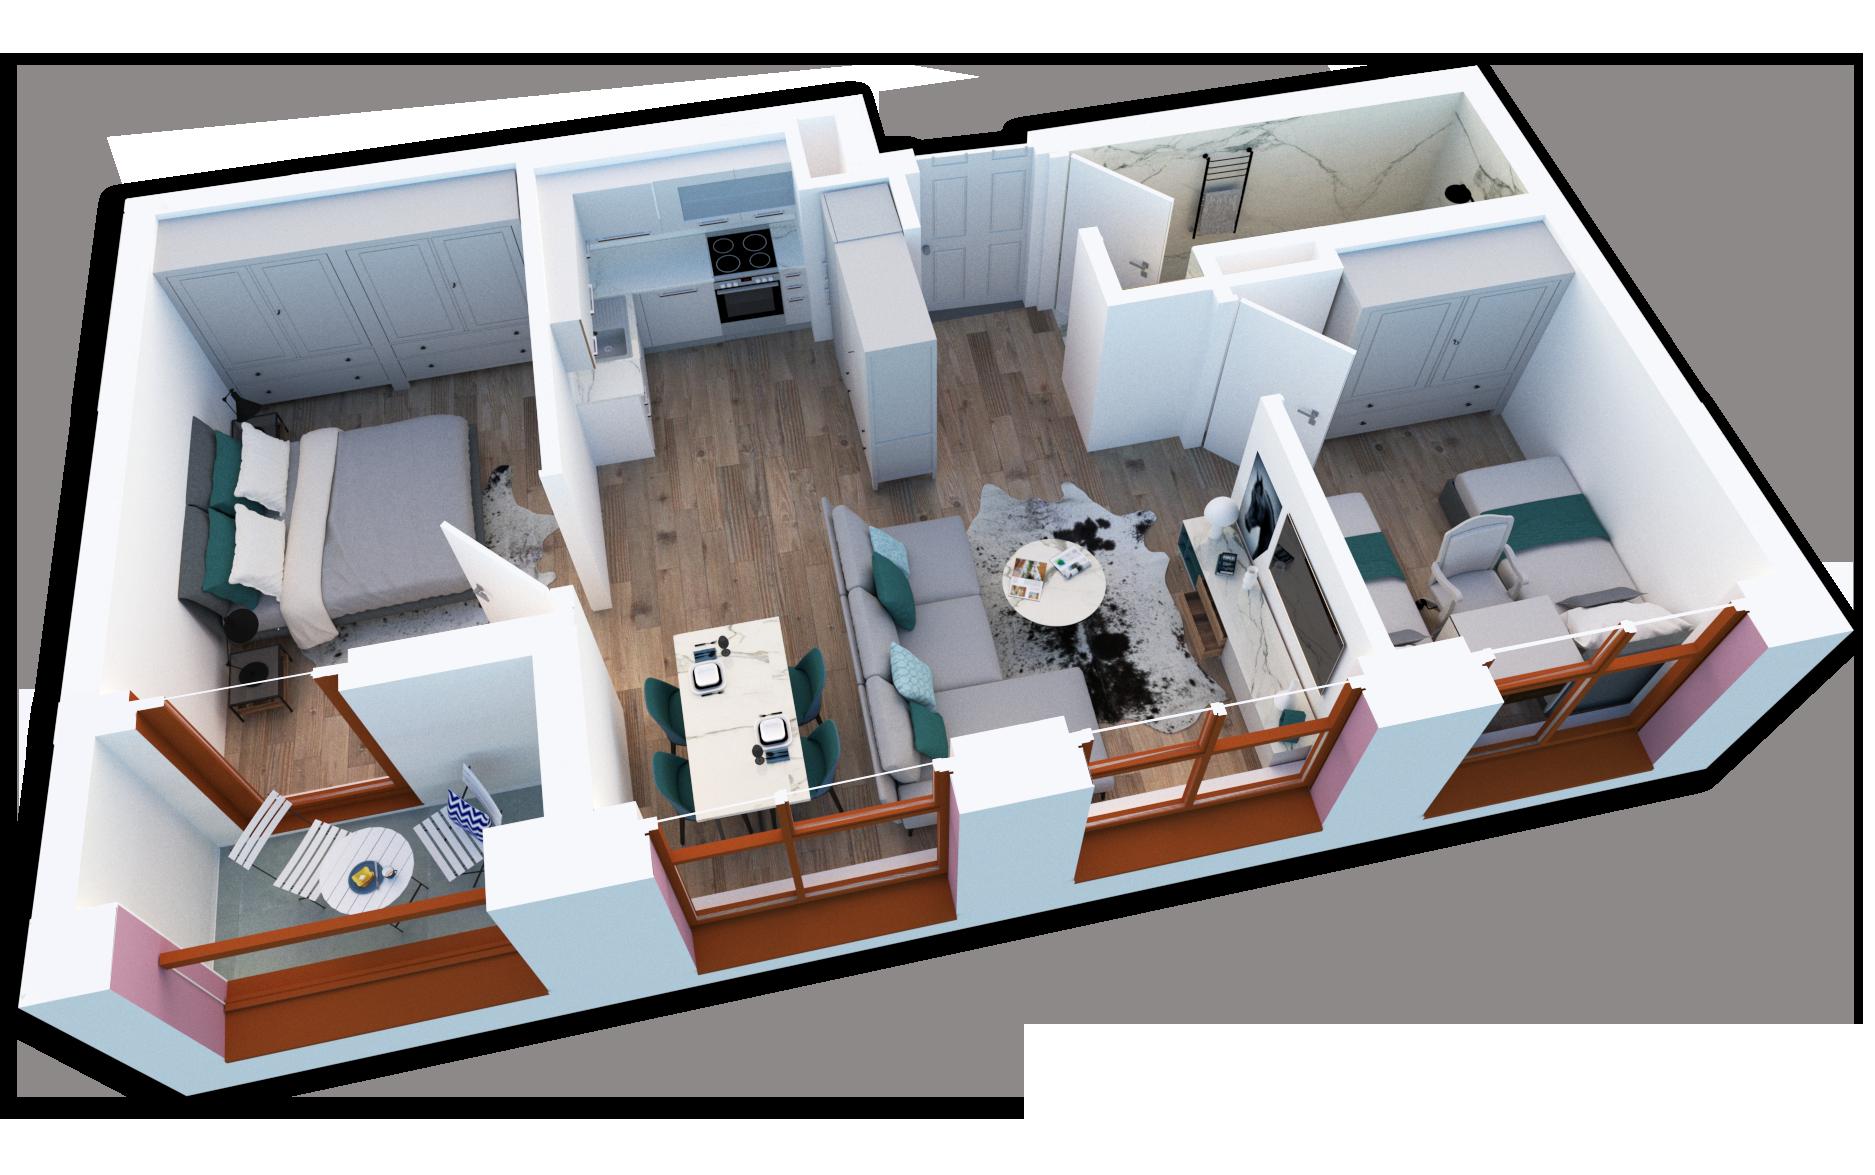 Apartament 2+1 në shitje në Tiranë - Mangalem 21 Shkalla 25 Kati 6